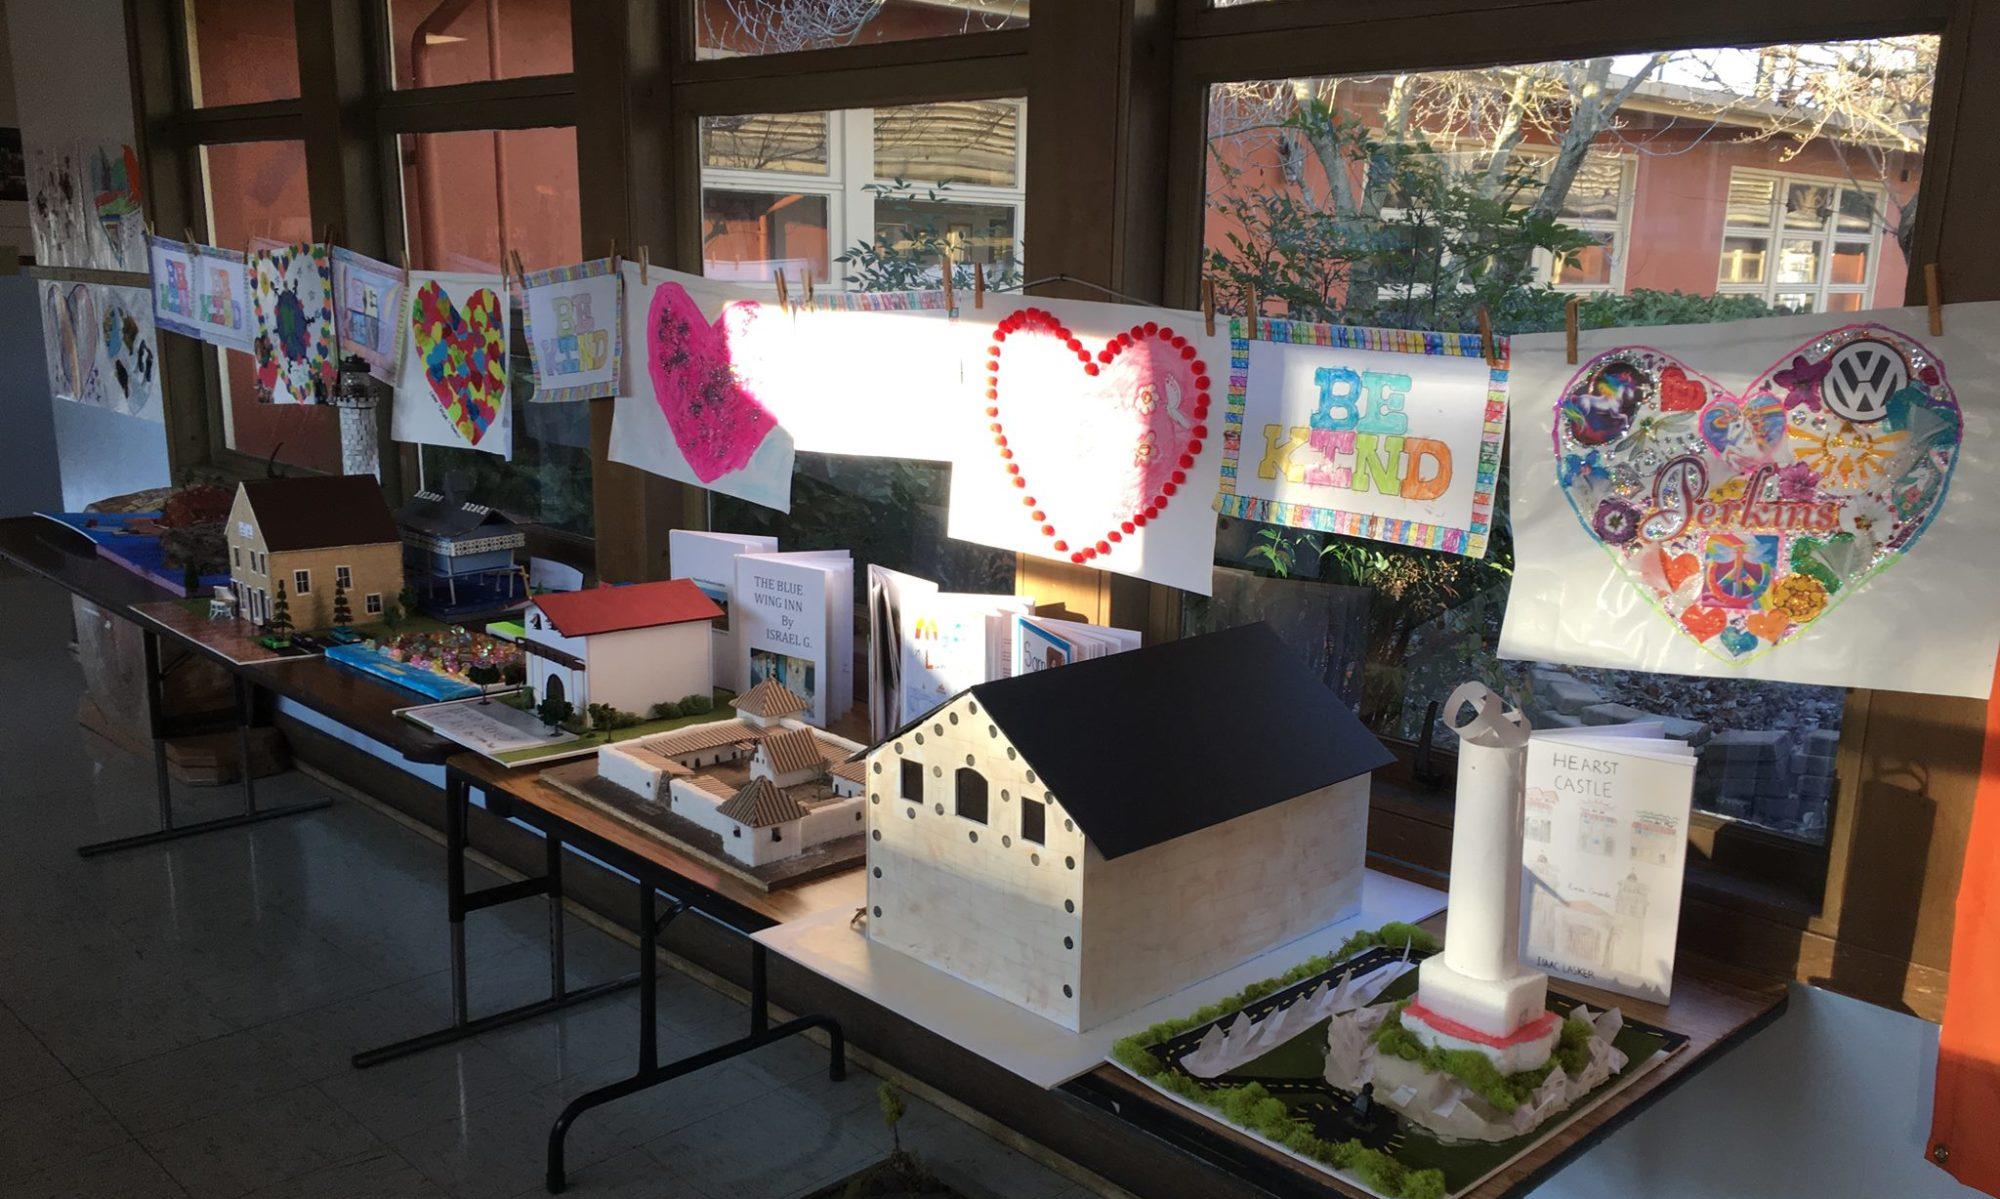 Proctor Terrace Elementary School